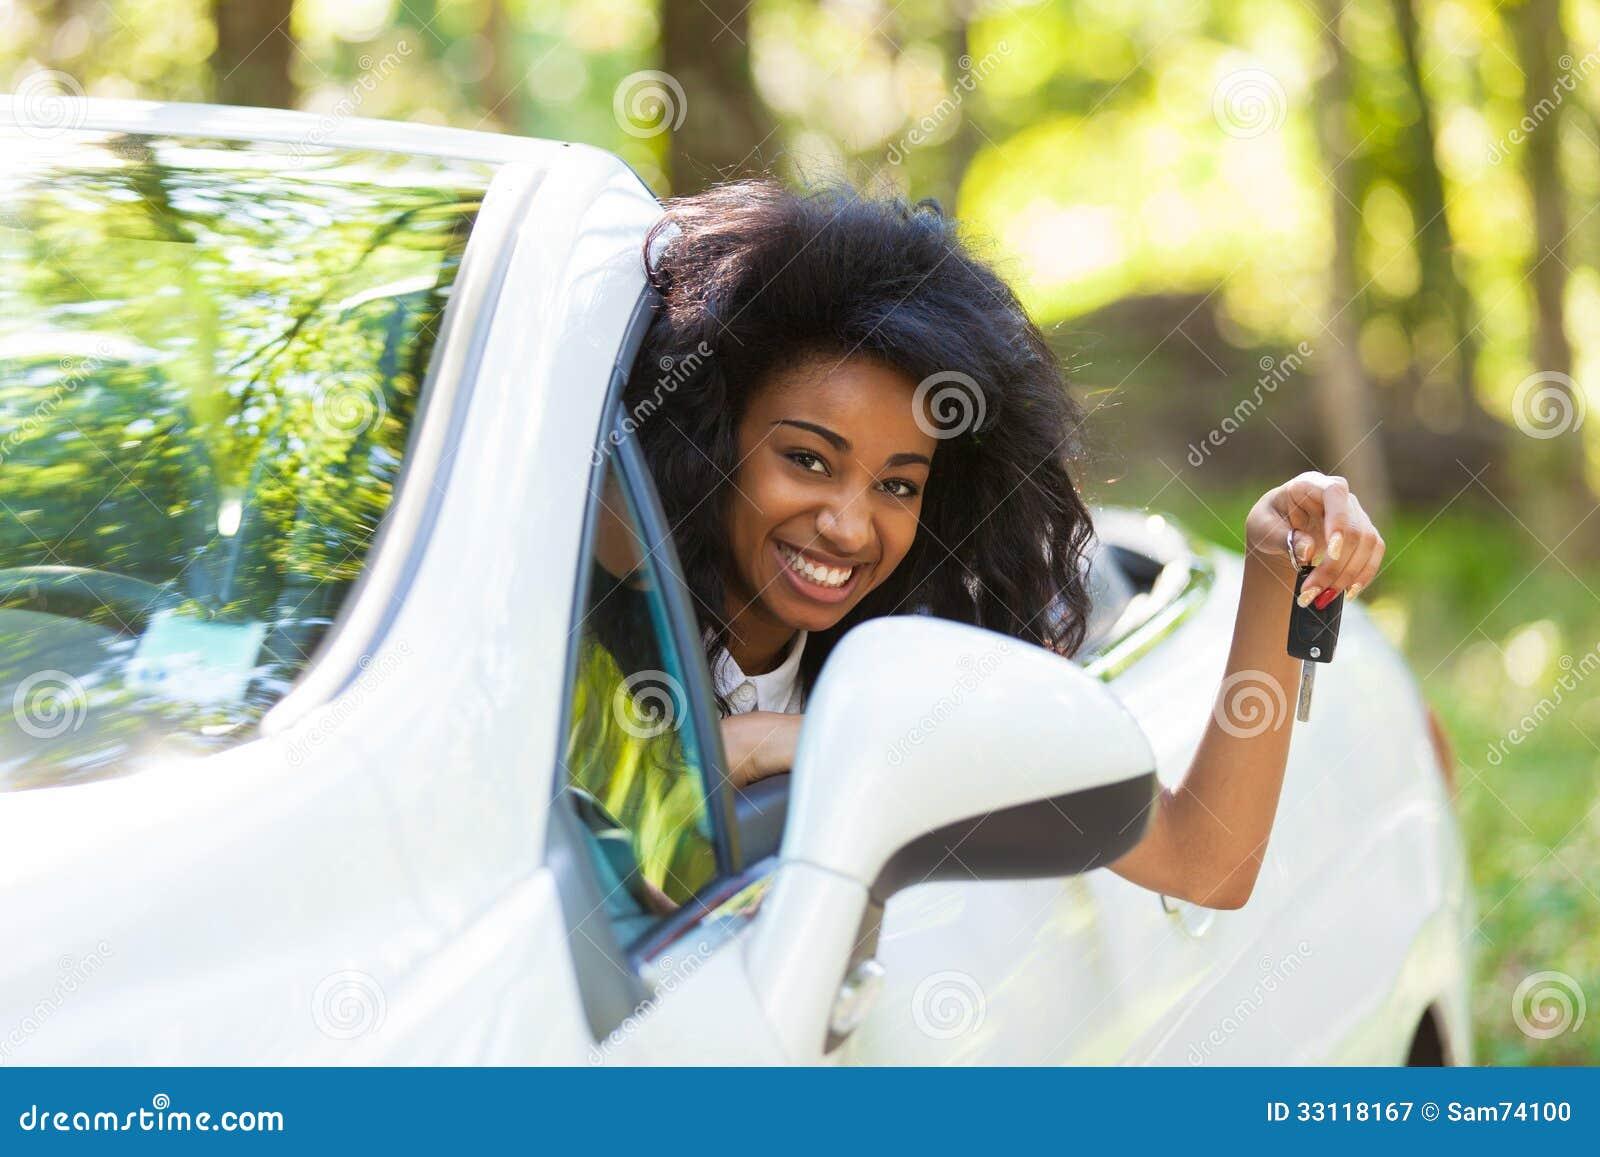 le jeune conducteur adolescent noir tenant la voiture verrouille conduire sa nouvelle voiture. Black Bedroom Furniture Sets. Home Design Ideas